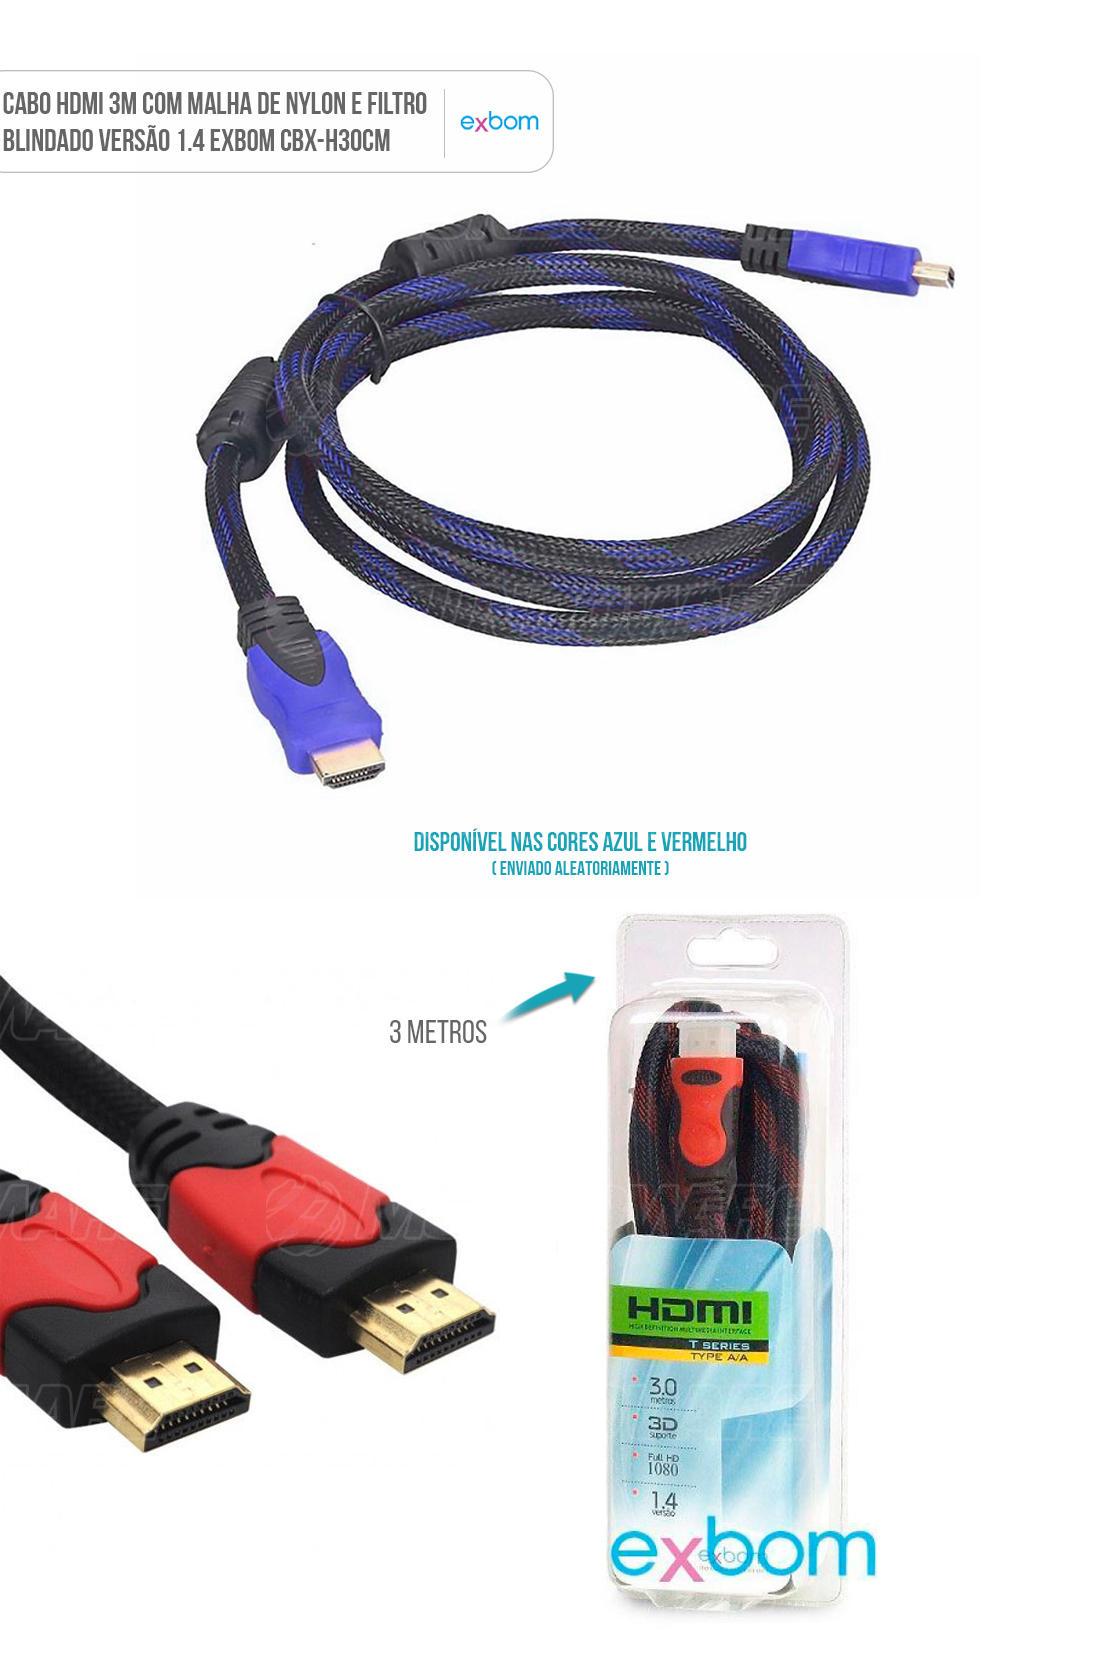 Cabo HDMI com Malha e Filtro Blindado de 3m